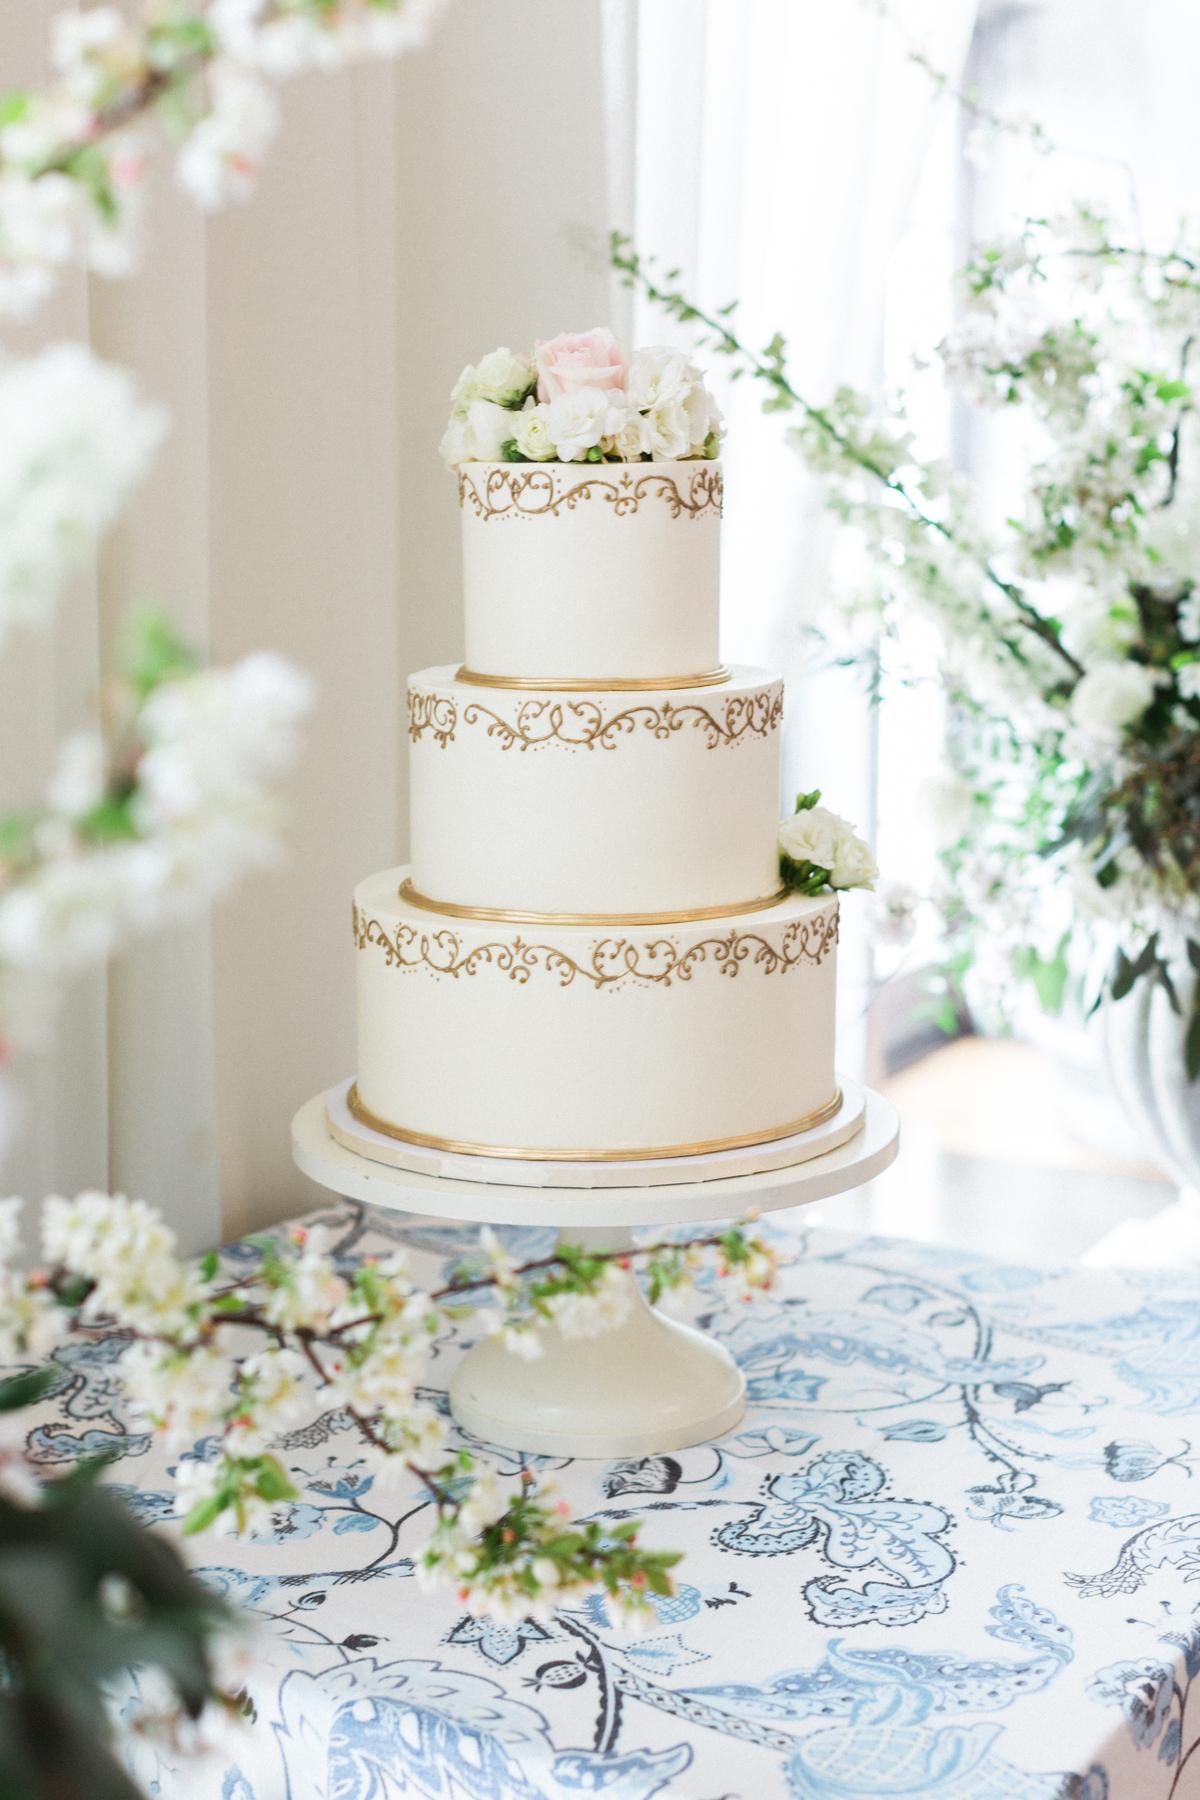 Cakes by Rachel